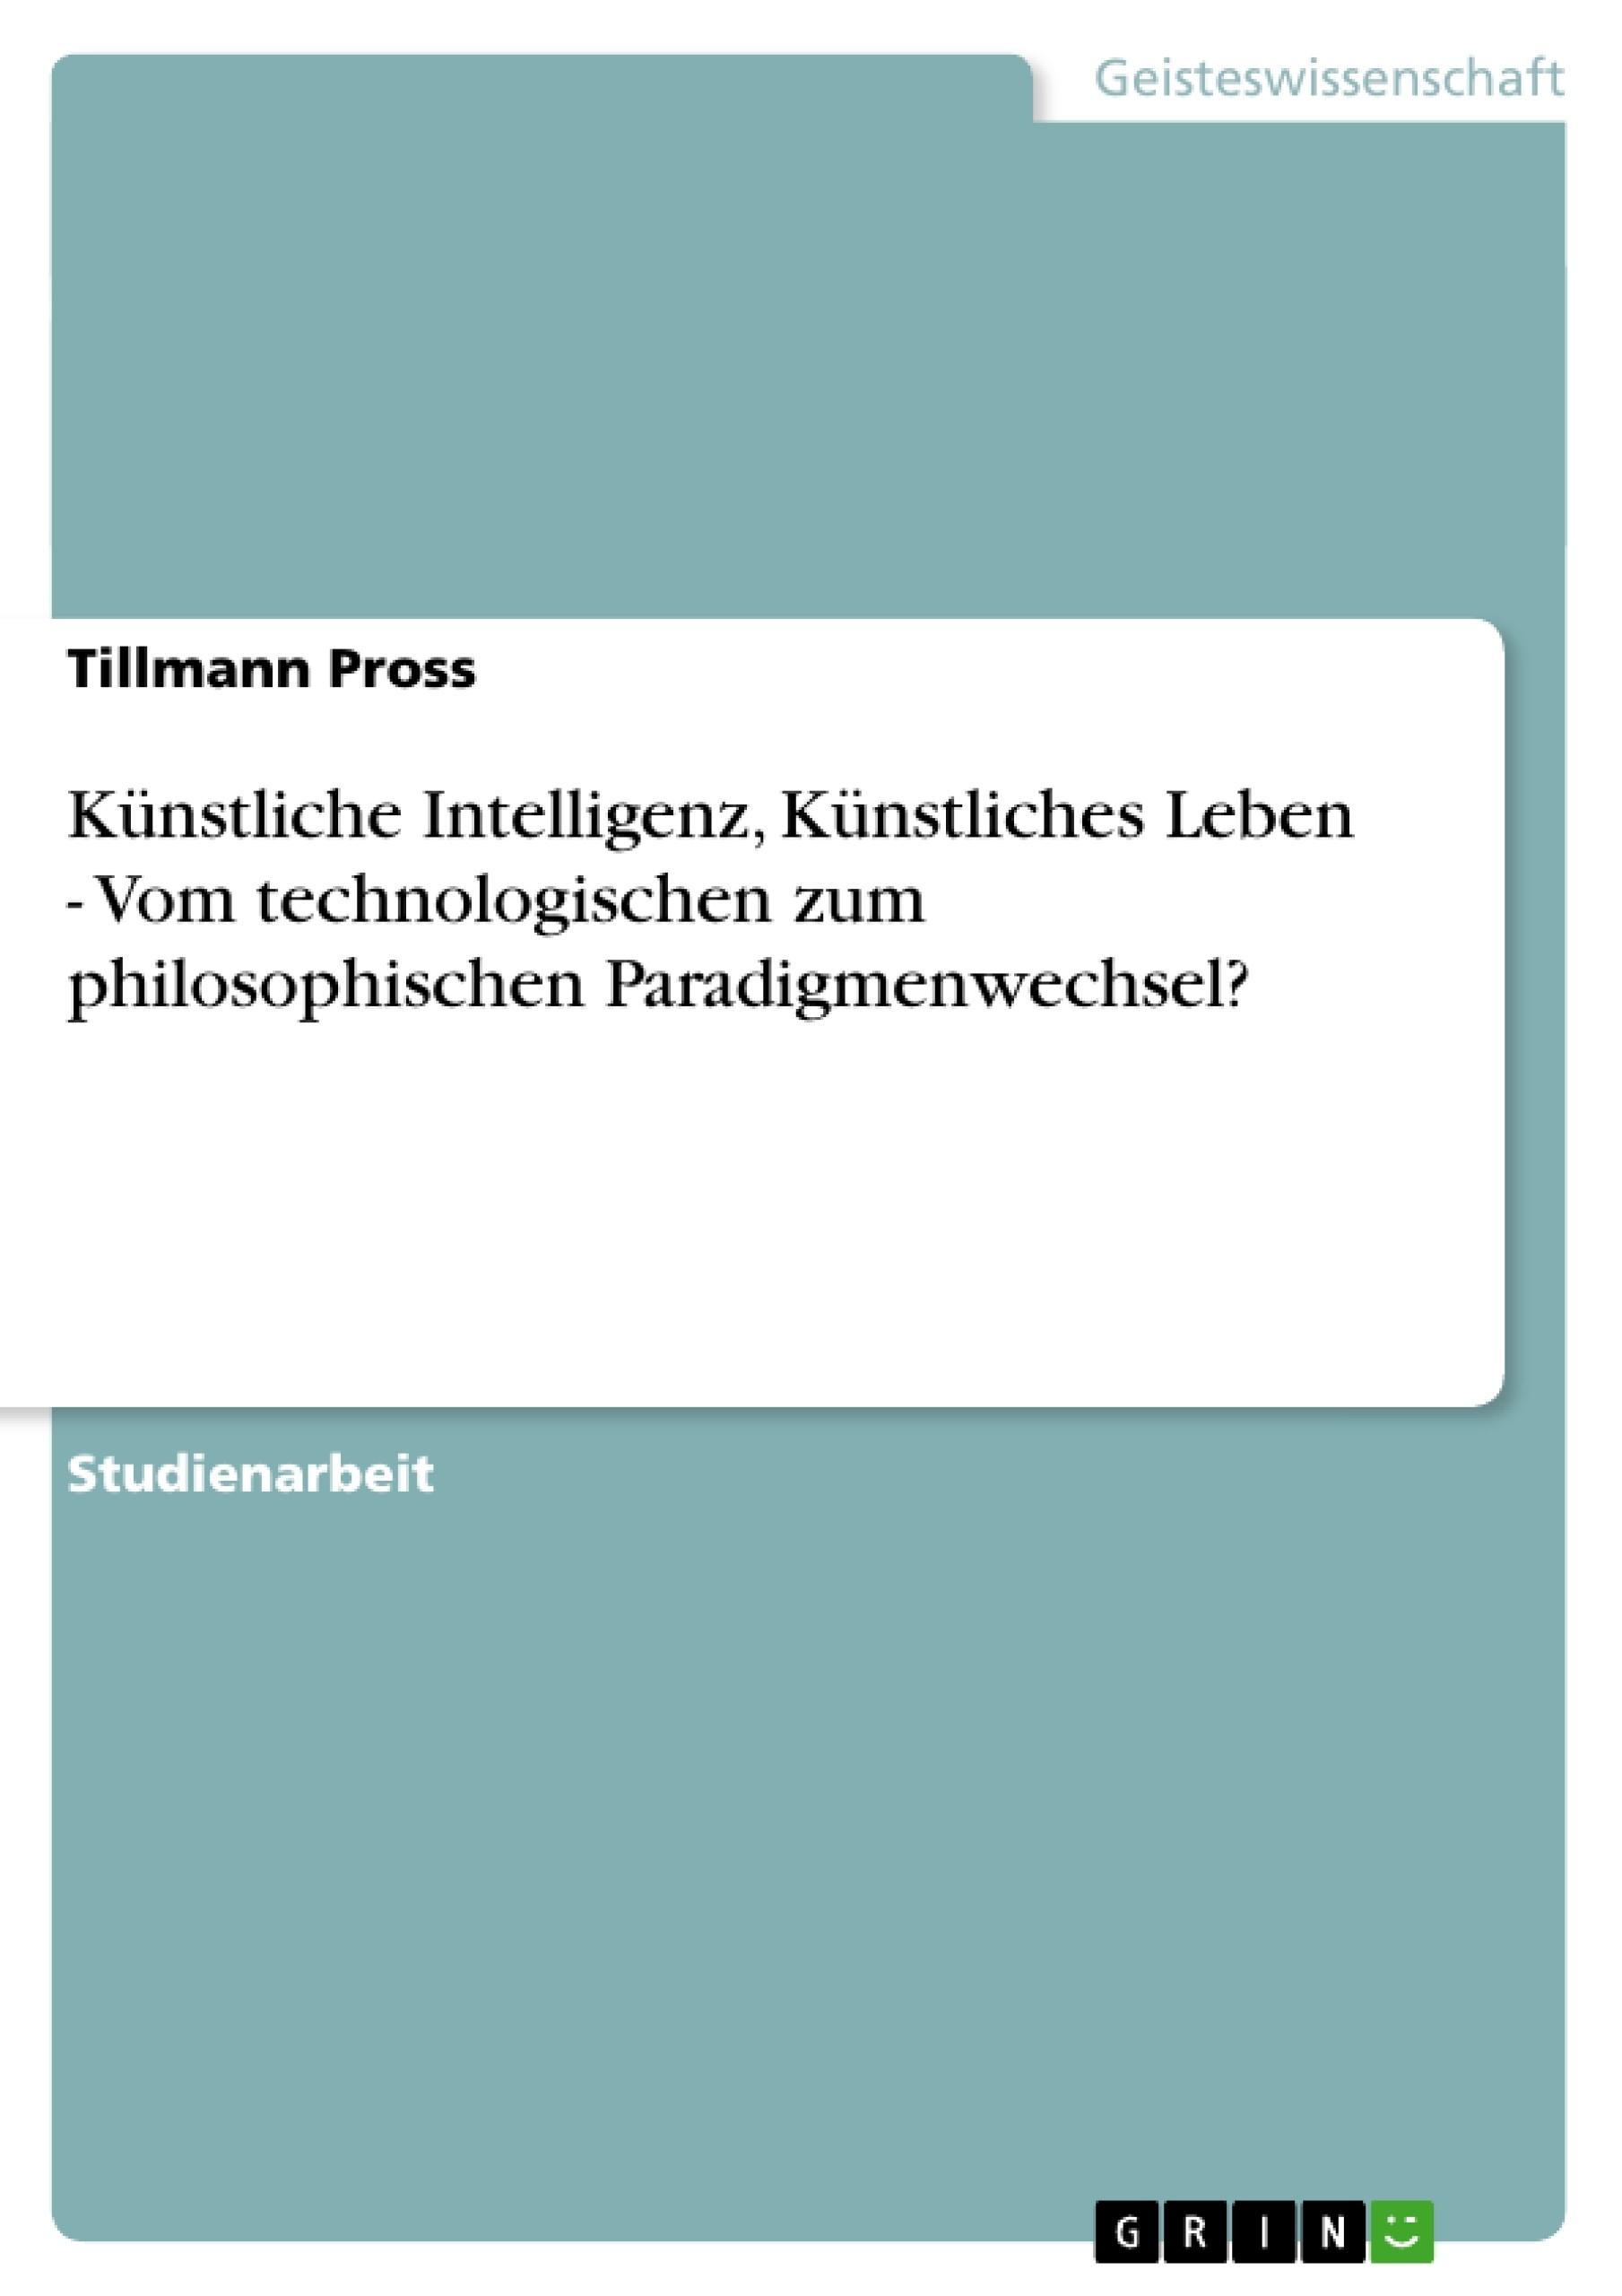 Titel: Künstliche Intelligenz, Künstliches Leben - Vom technologischen zum philosophischen Paradigmenwechsel?